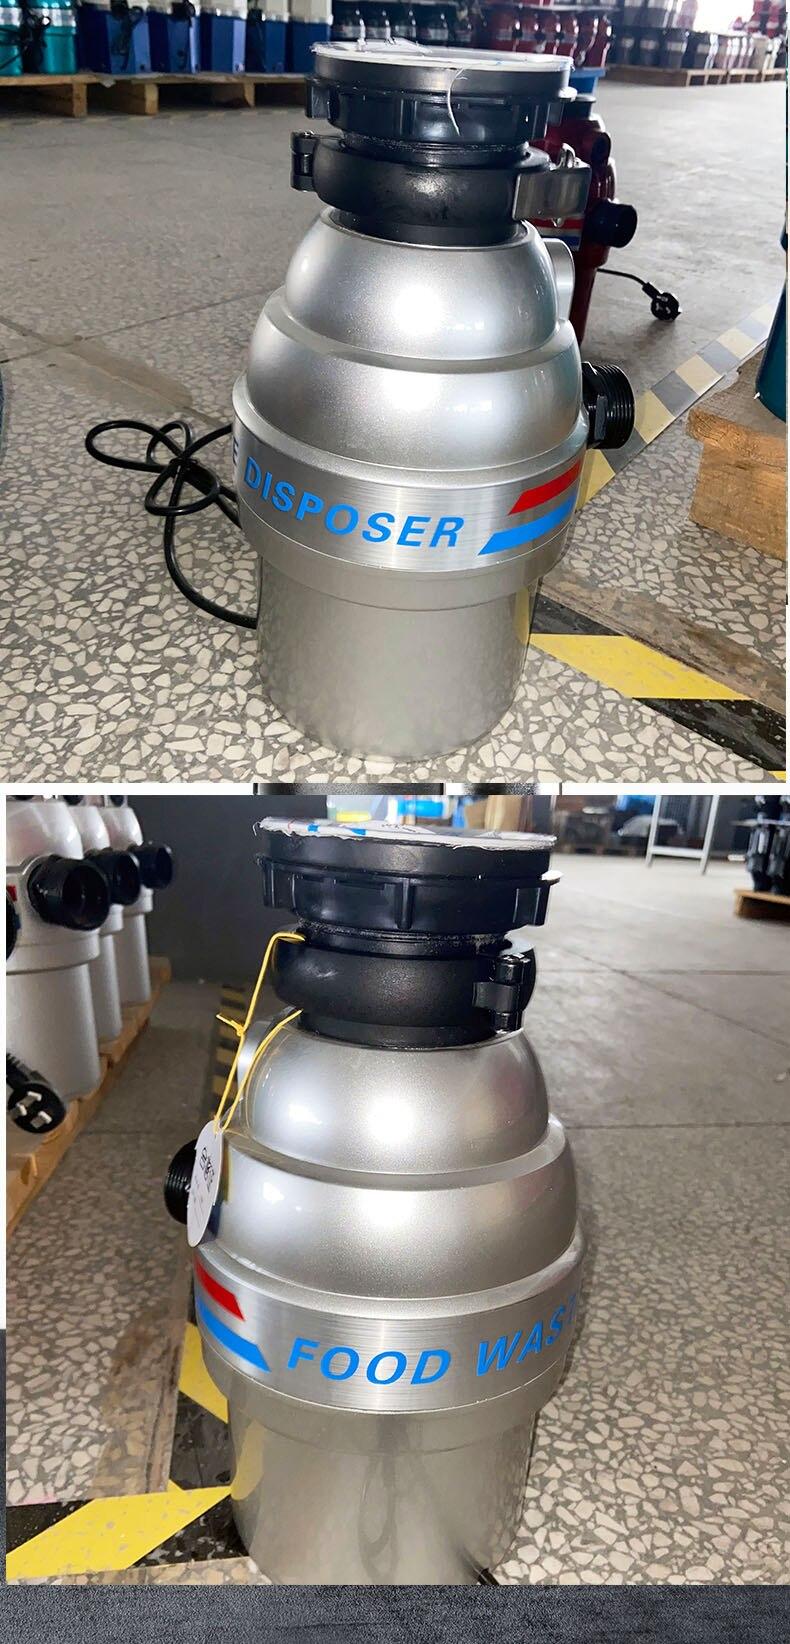 OEM ODM ручная пресс-форма для Кухня отходов Смарт Приспособления Кухня шэнбэнь бака для мусора, форма Чан для Шредера, обработчик пищевых отходов 2